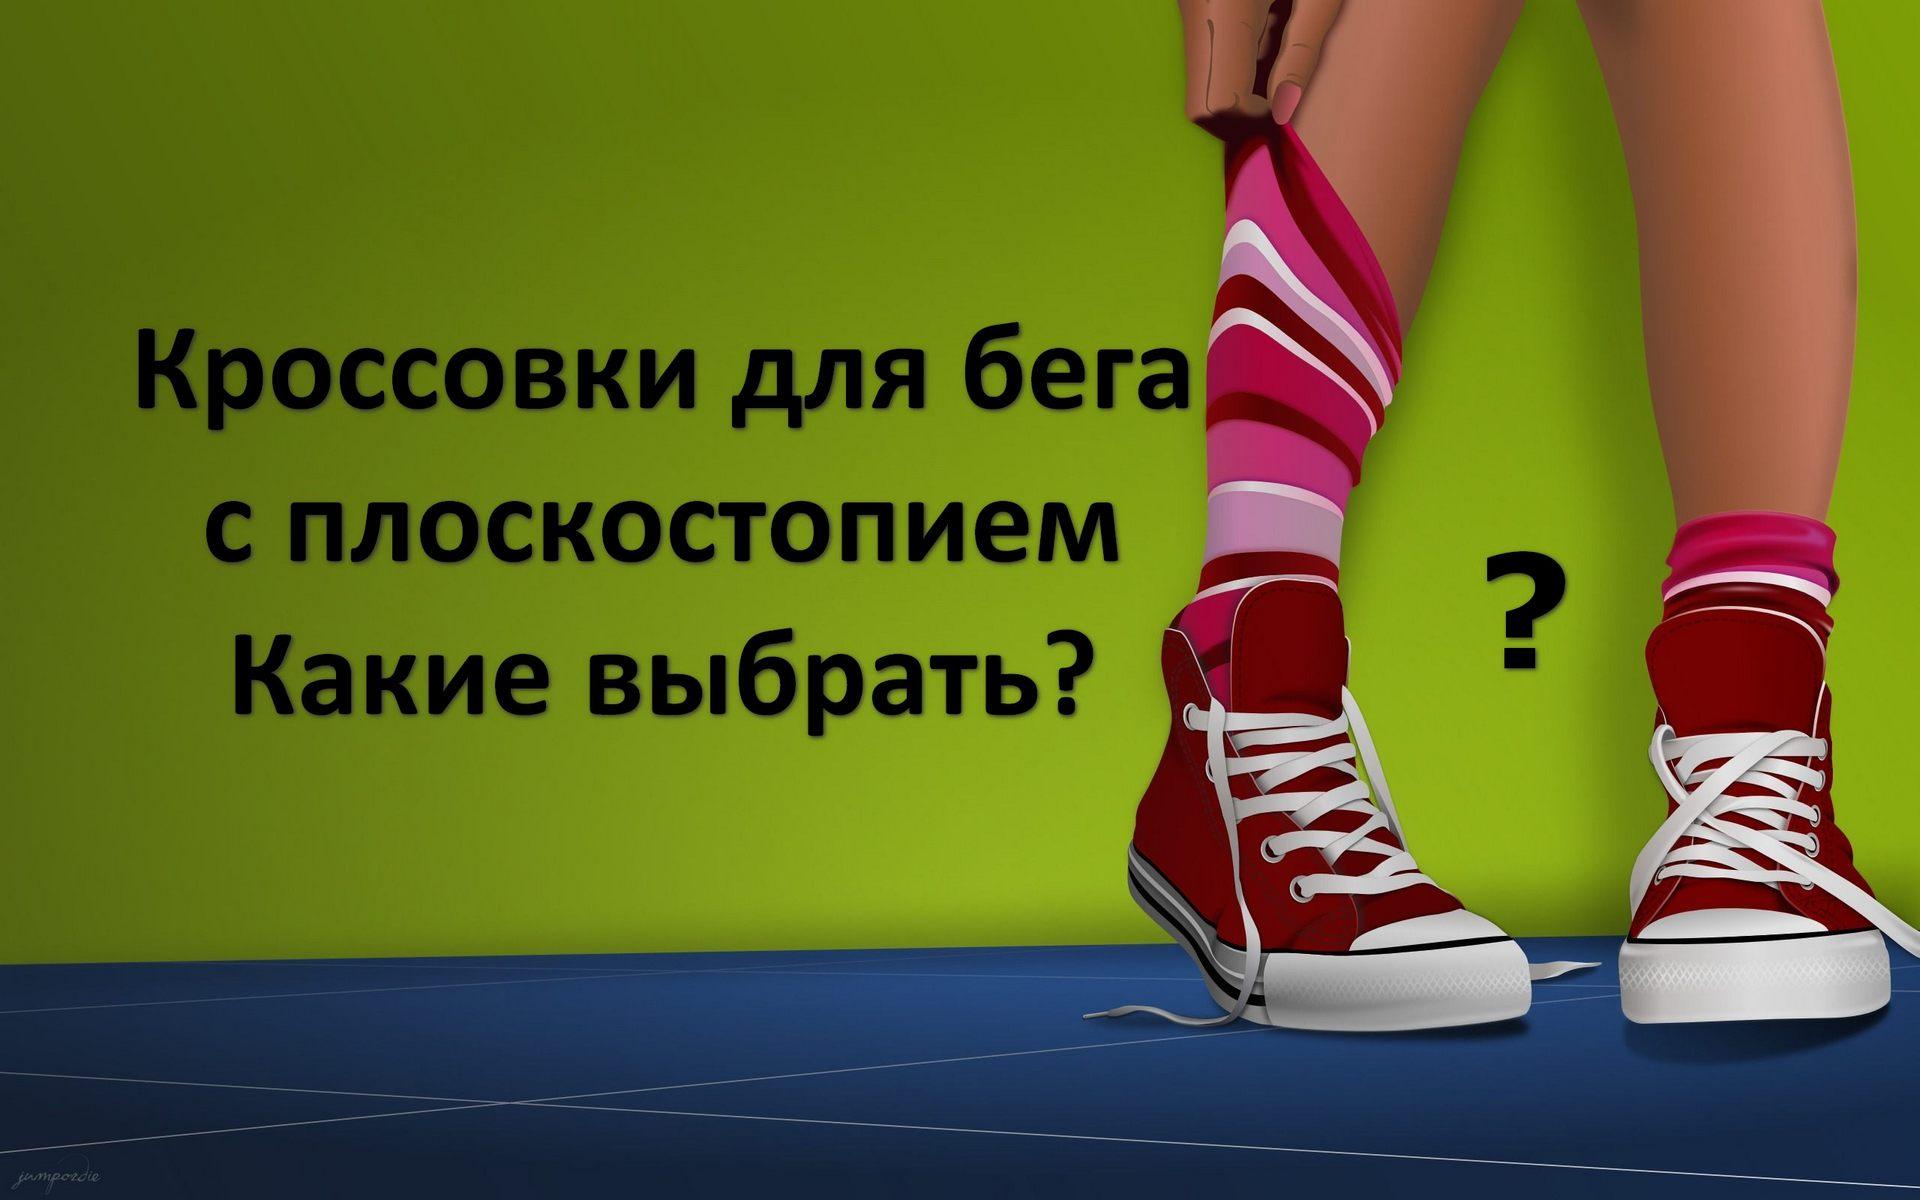 Кроссовки для бега с плоскостопием. Какие выбрать